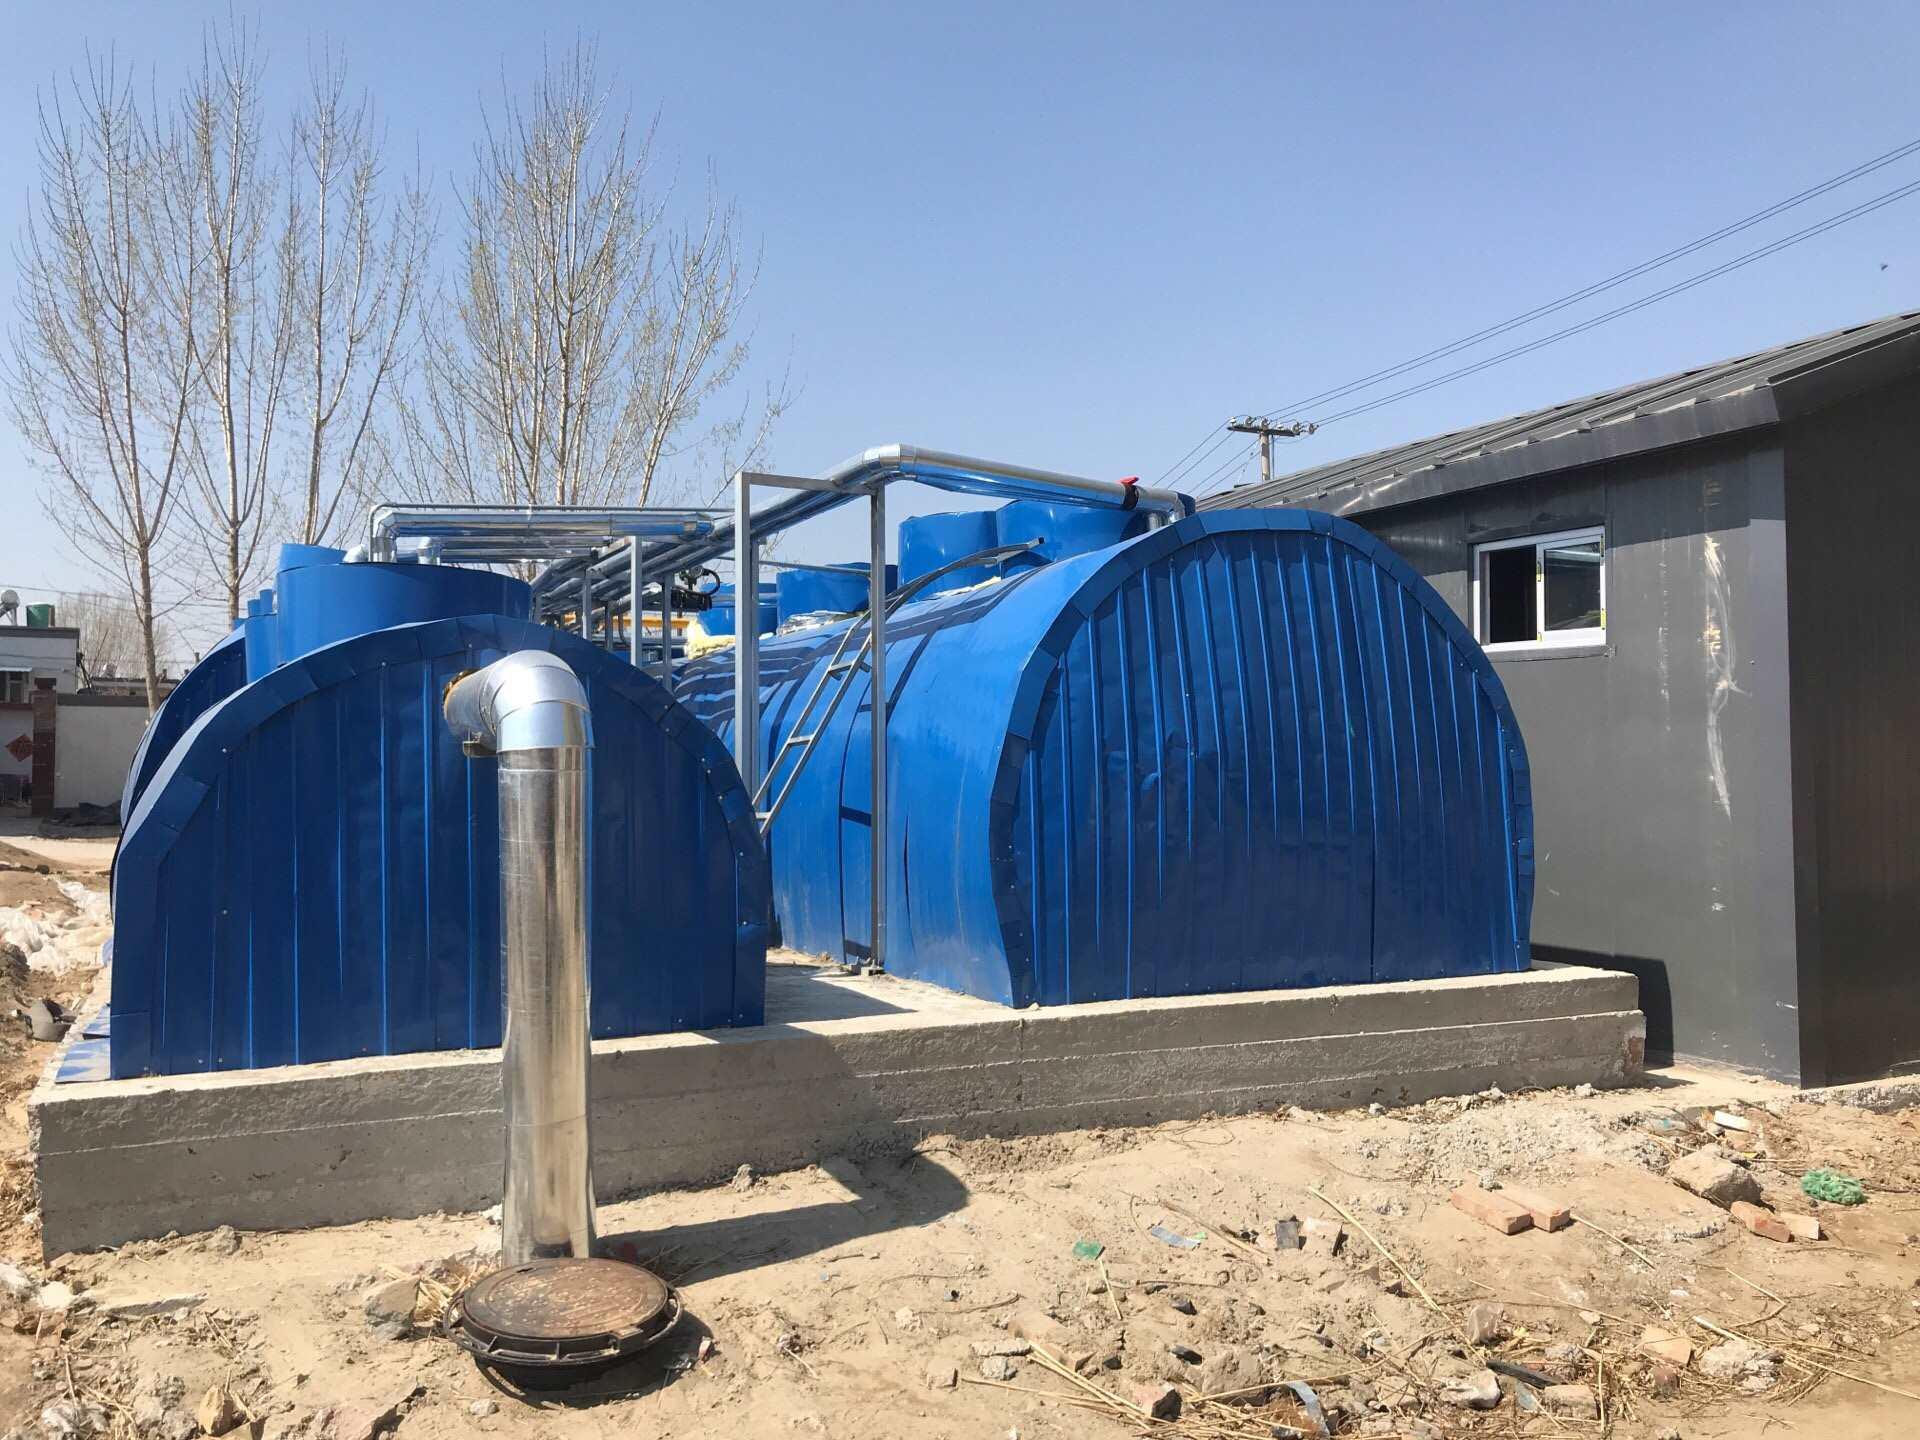 雄安新区白洋淀农村污水、垃圾、公厕等环境问题一体化综合治理先行项目3